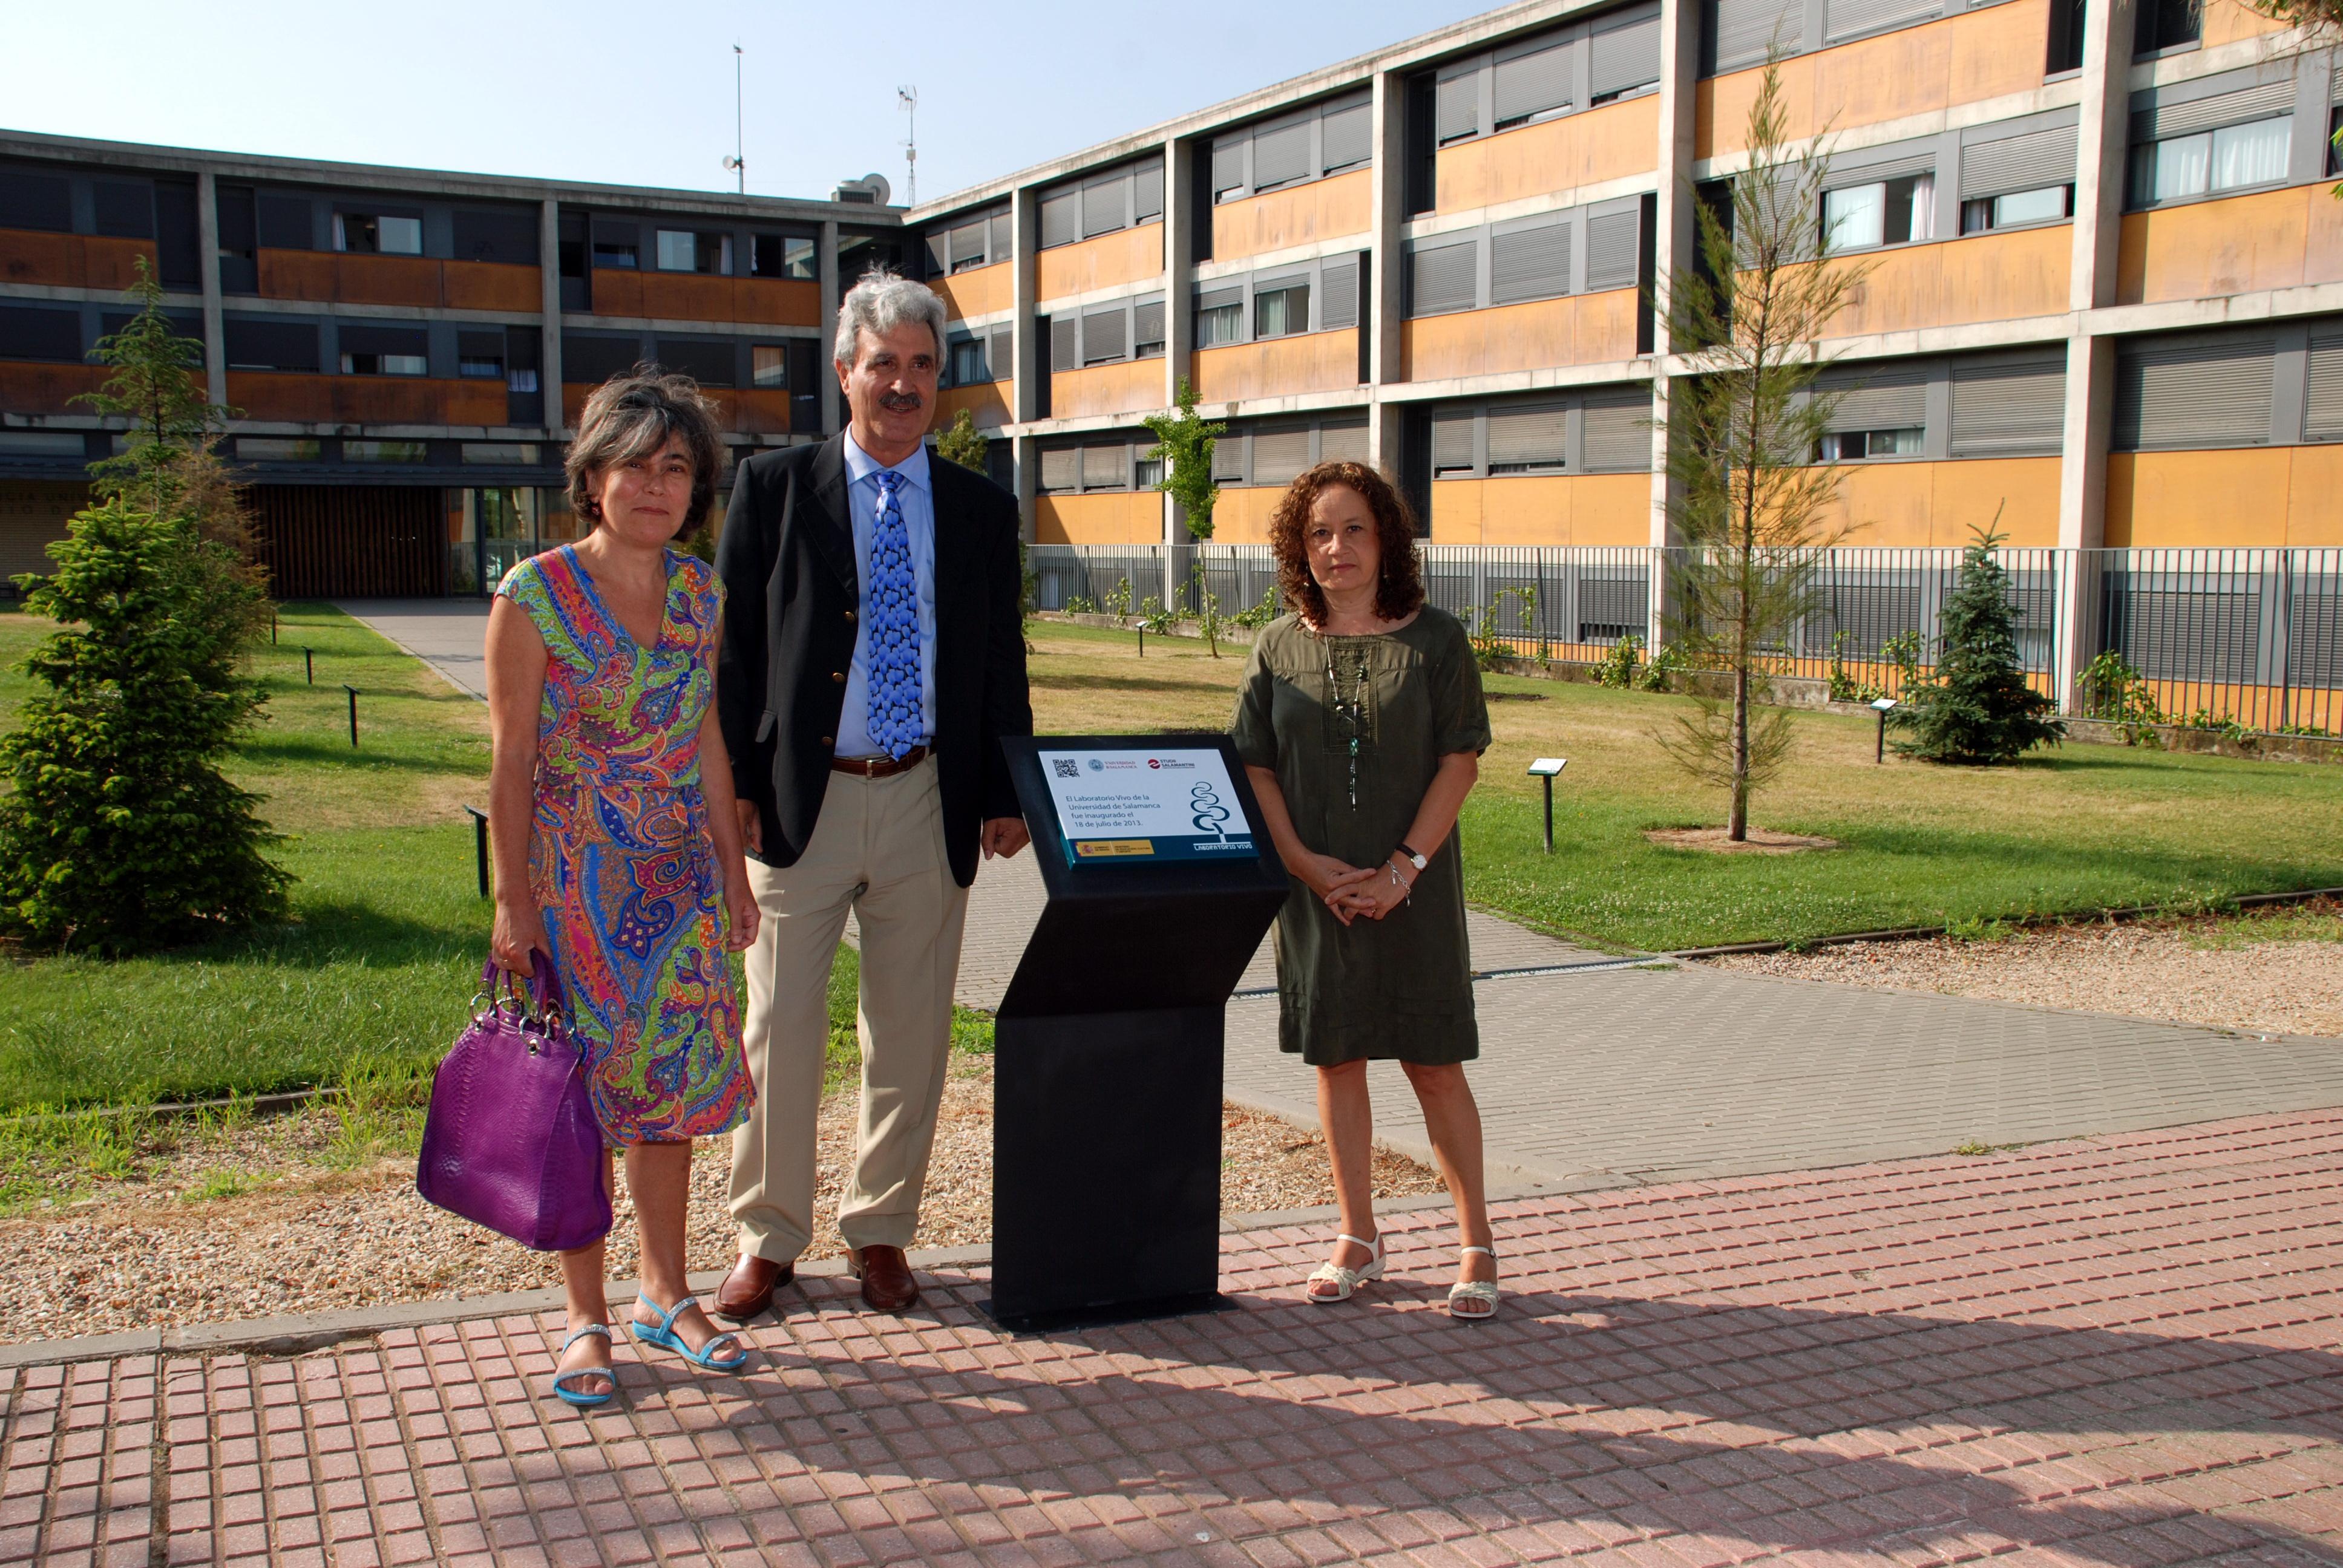 150 especies de árboles y arbustos enraízan en el Laboratorio Vivo de la Universidad de Salamanca